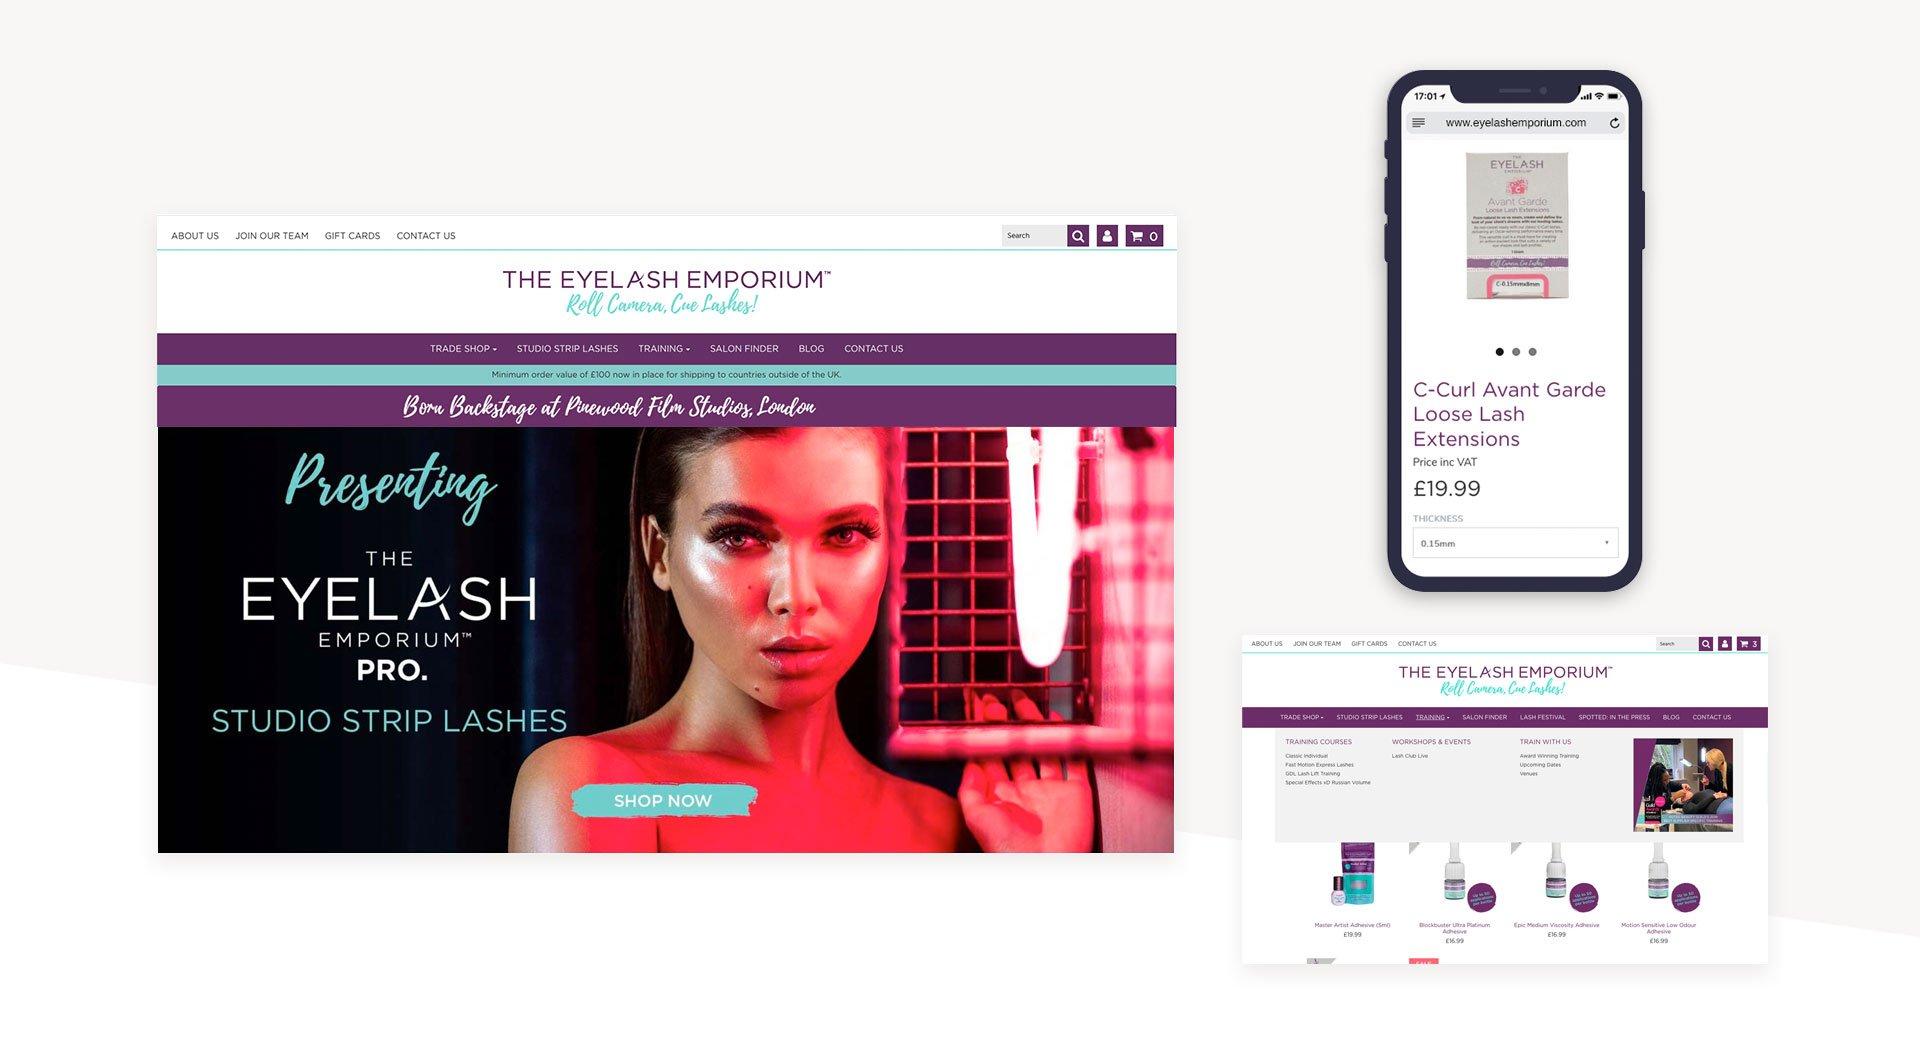 eyelash-website-layout